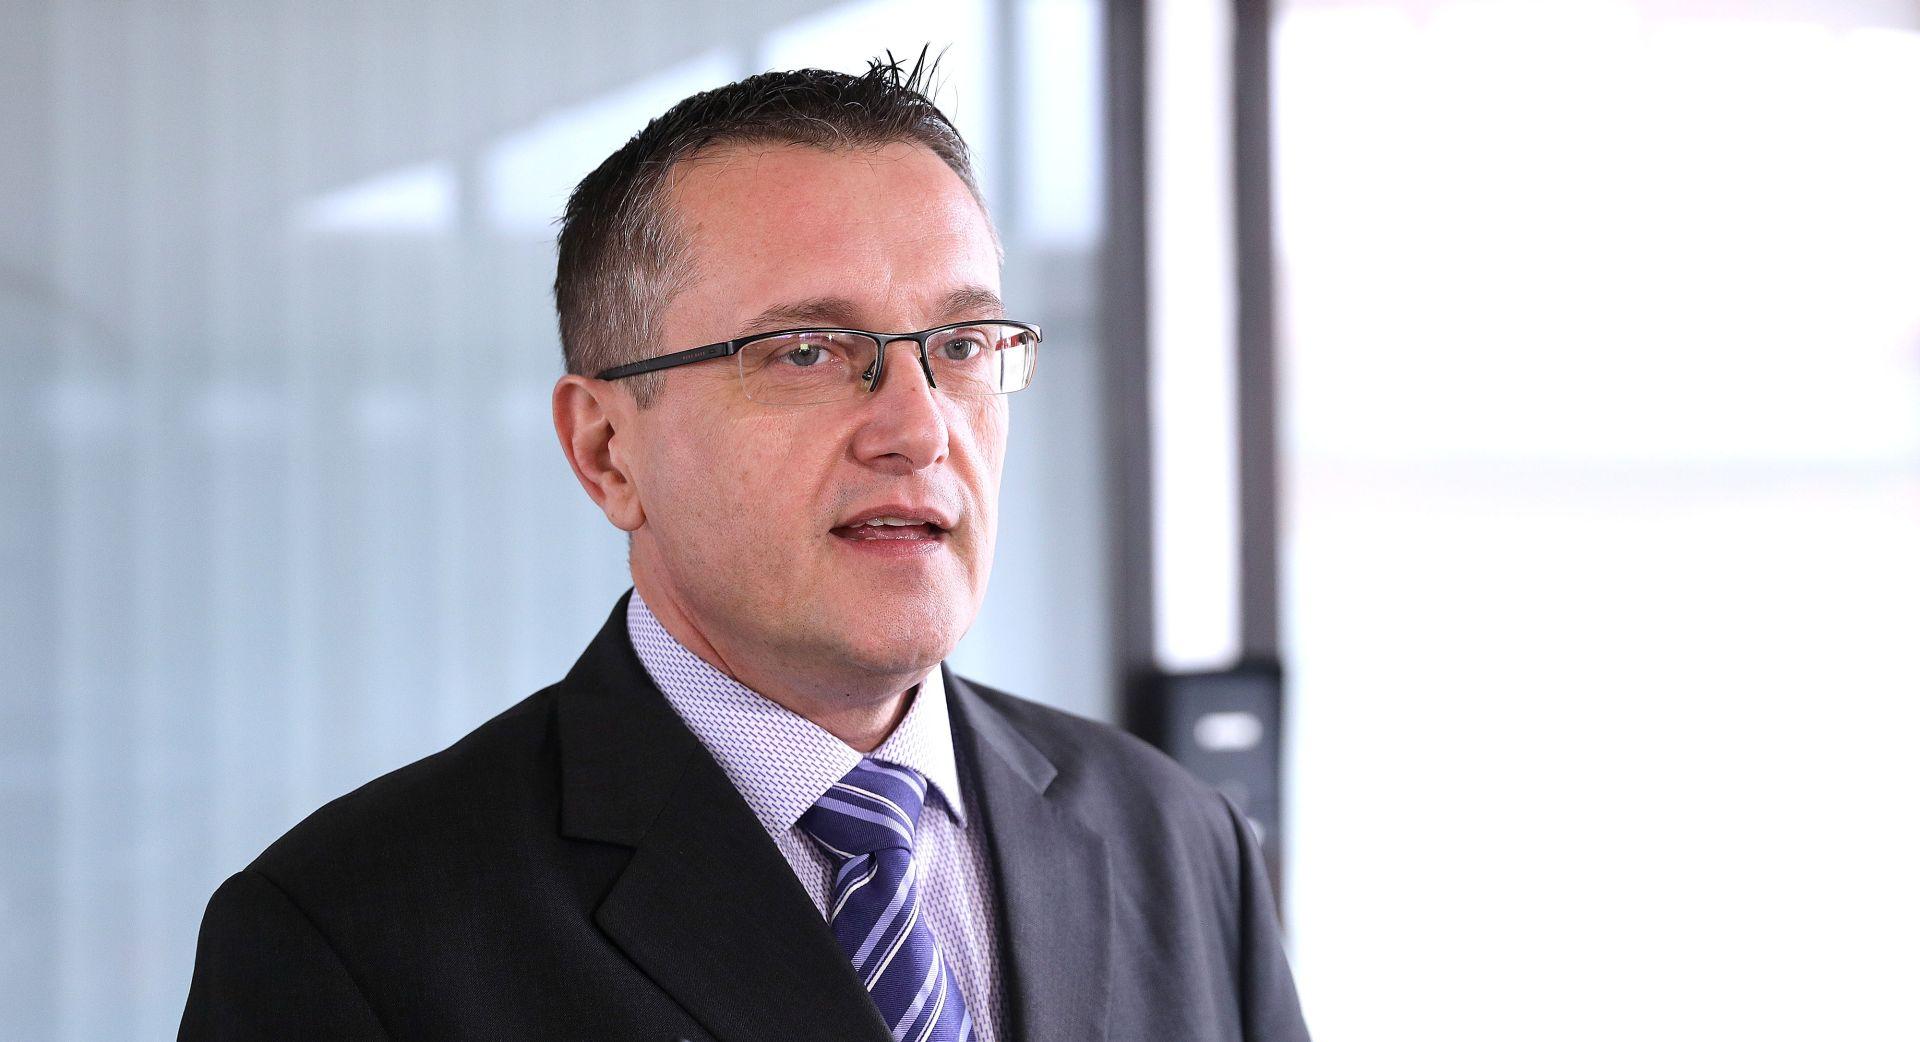 """HNS O POREZU NA NEKRETNINE 'HDZ uvodi porez koji je ranije zvao """"brutalnim napadom na Hrvate""""'"""